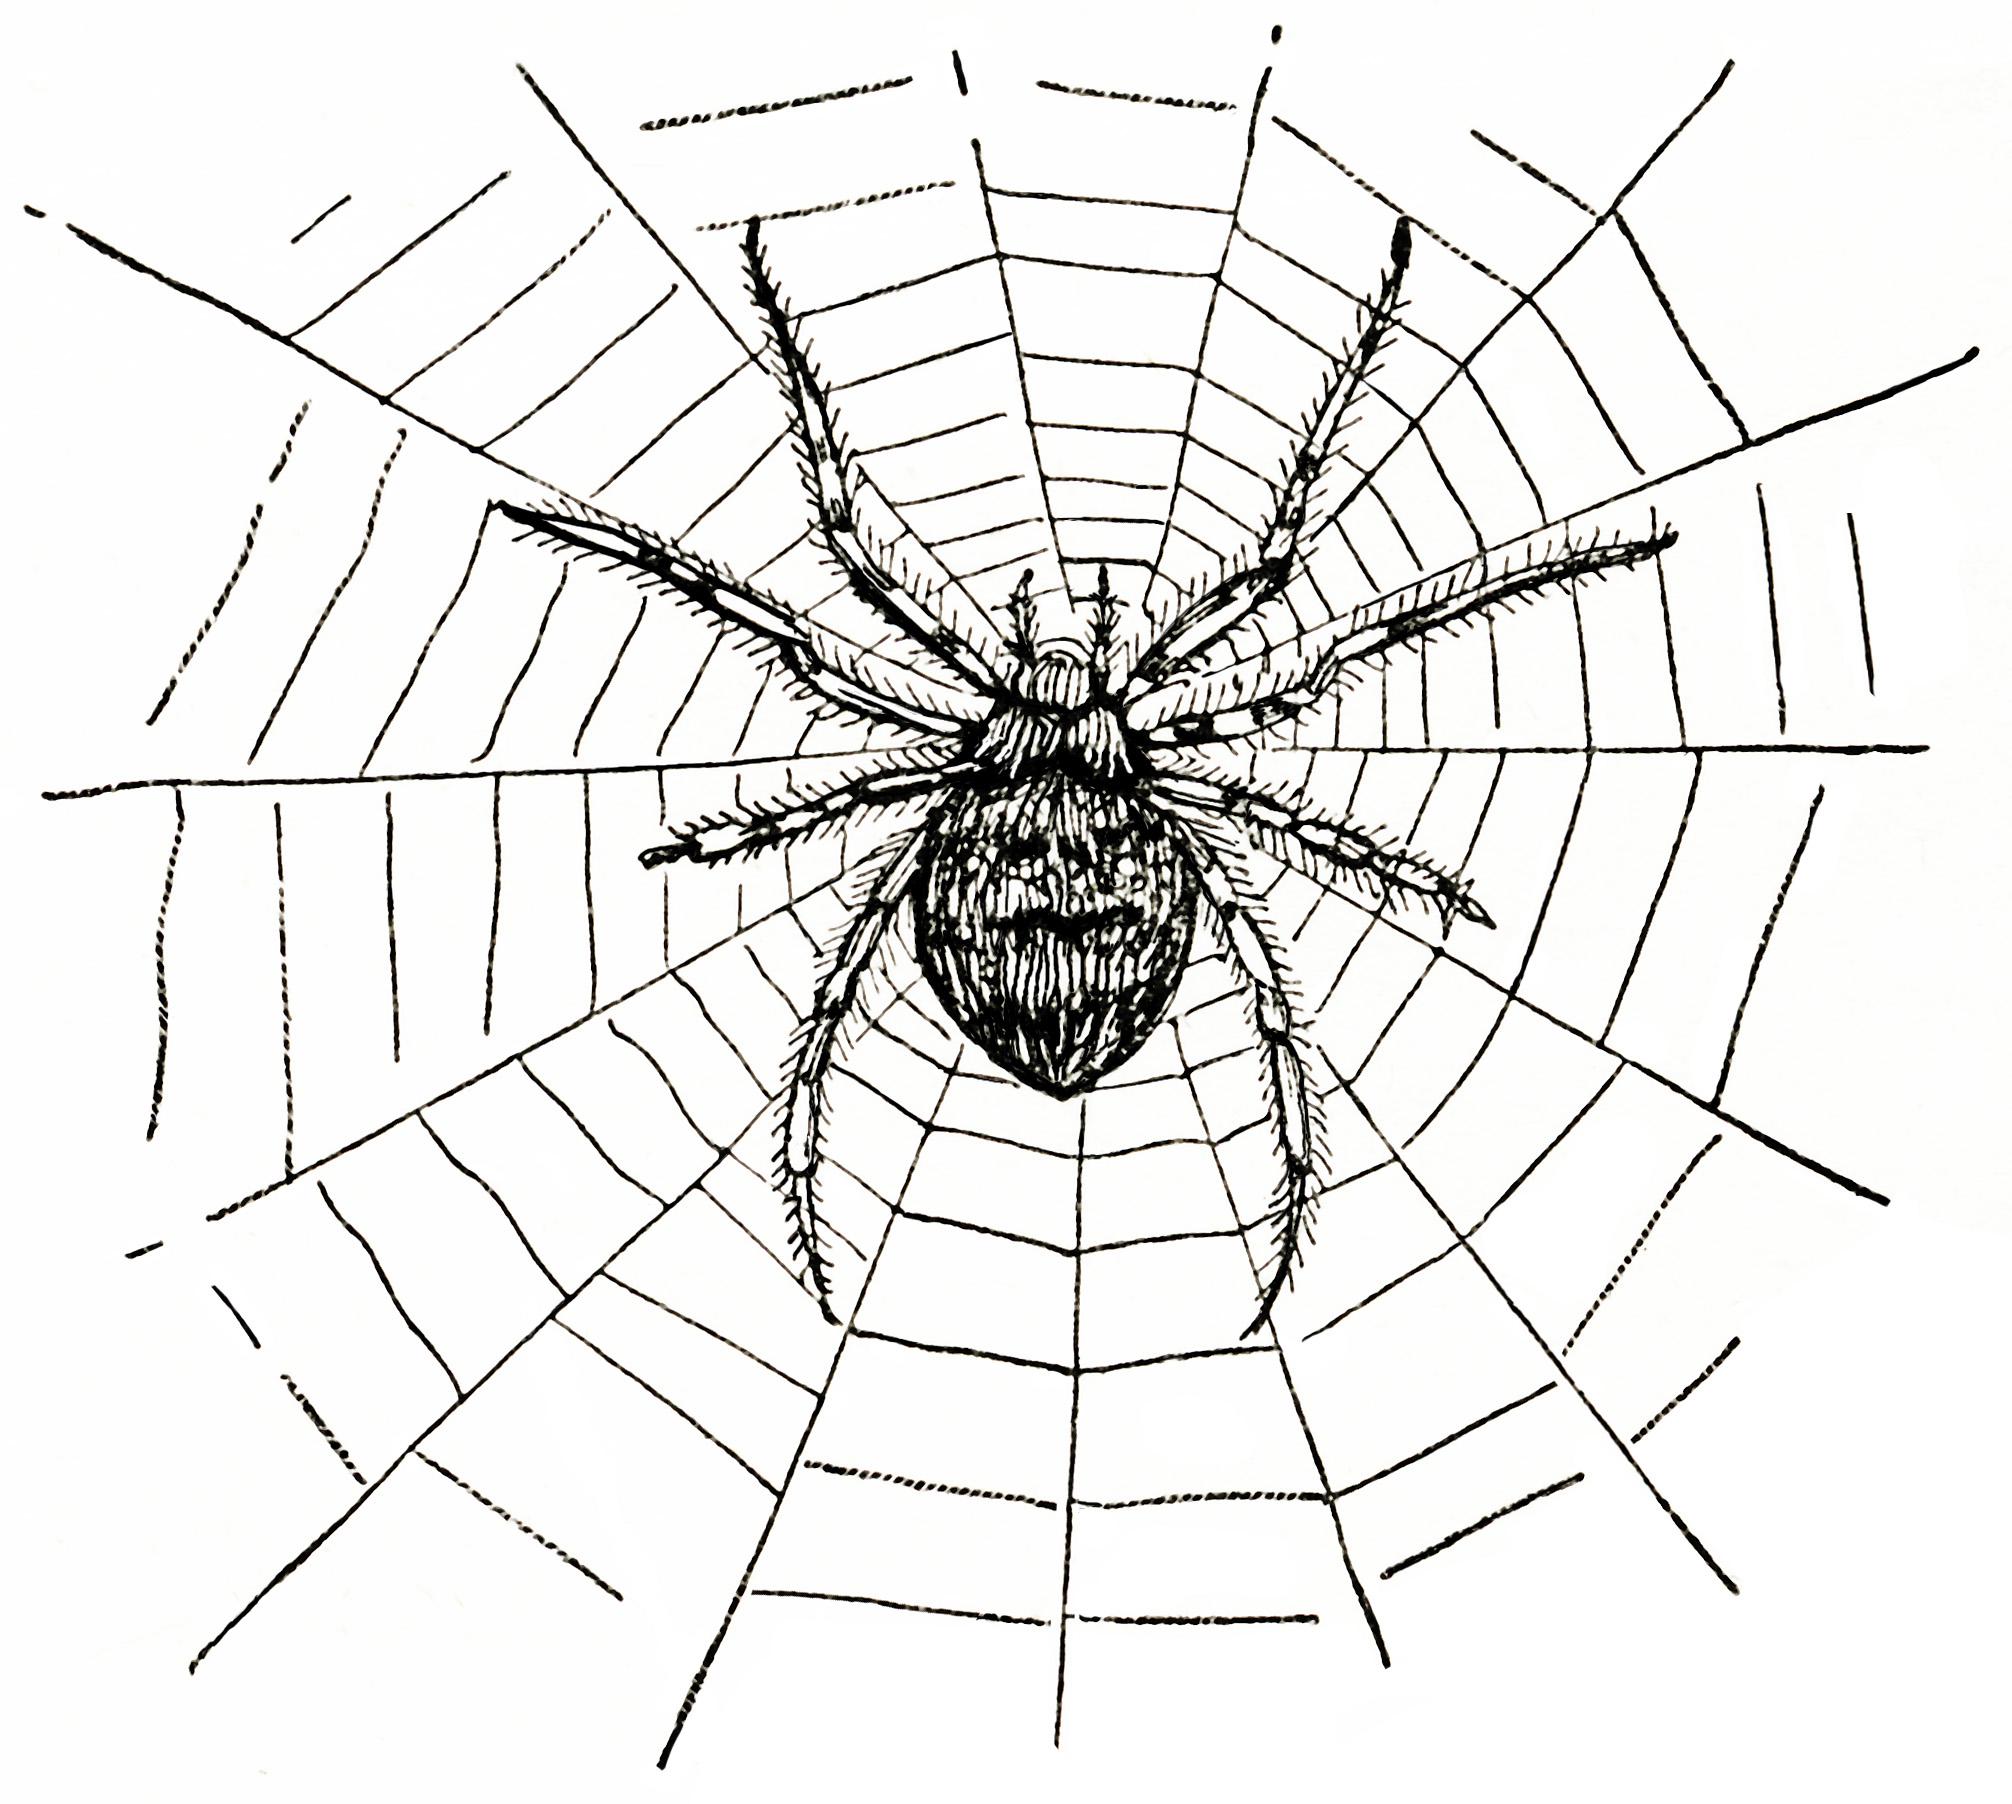 Spider And Spiderweb Free Vintage Clip Art